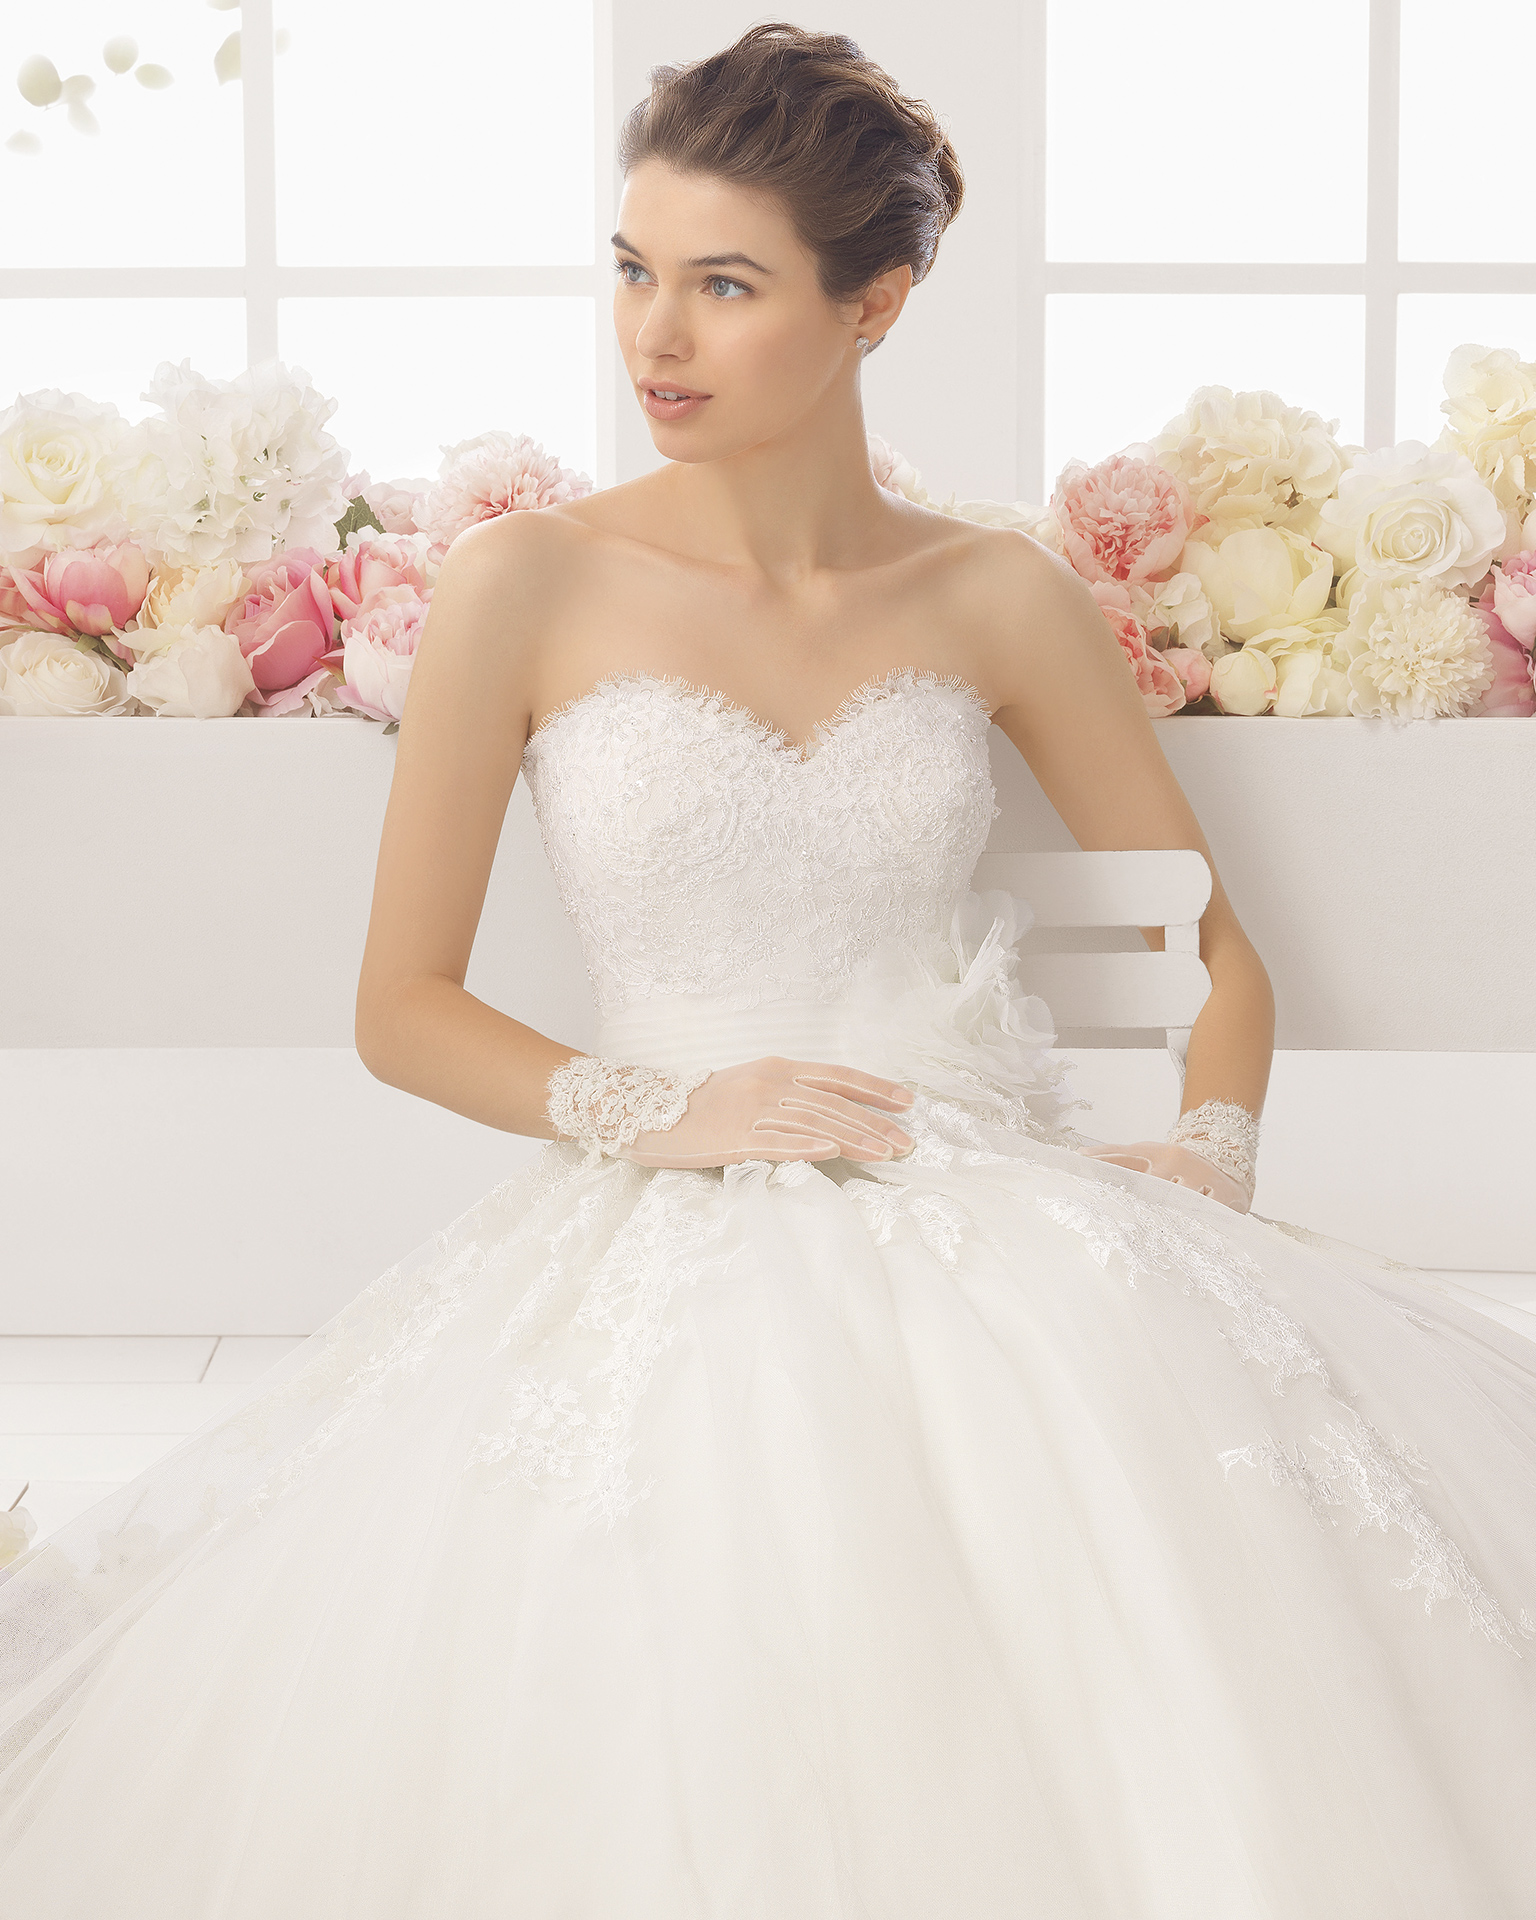 梅塔(MIRTA)珠饰蕾丝新娘婚纱。